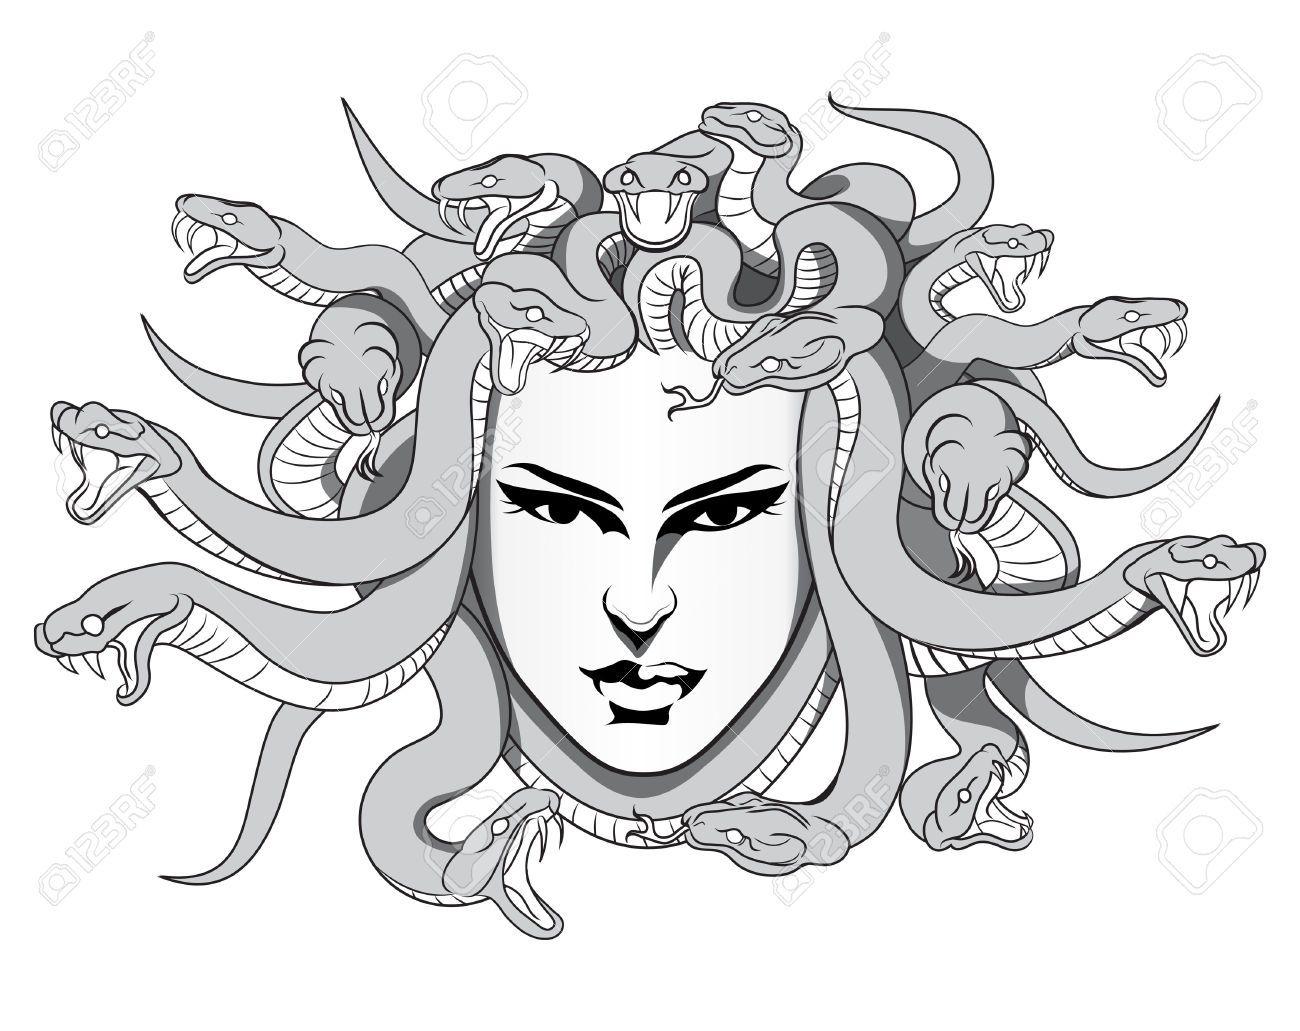 M duse mythologie dessin recherche google mythologie - Dessin mythologie ...